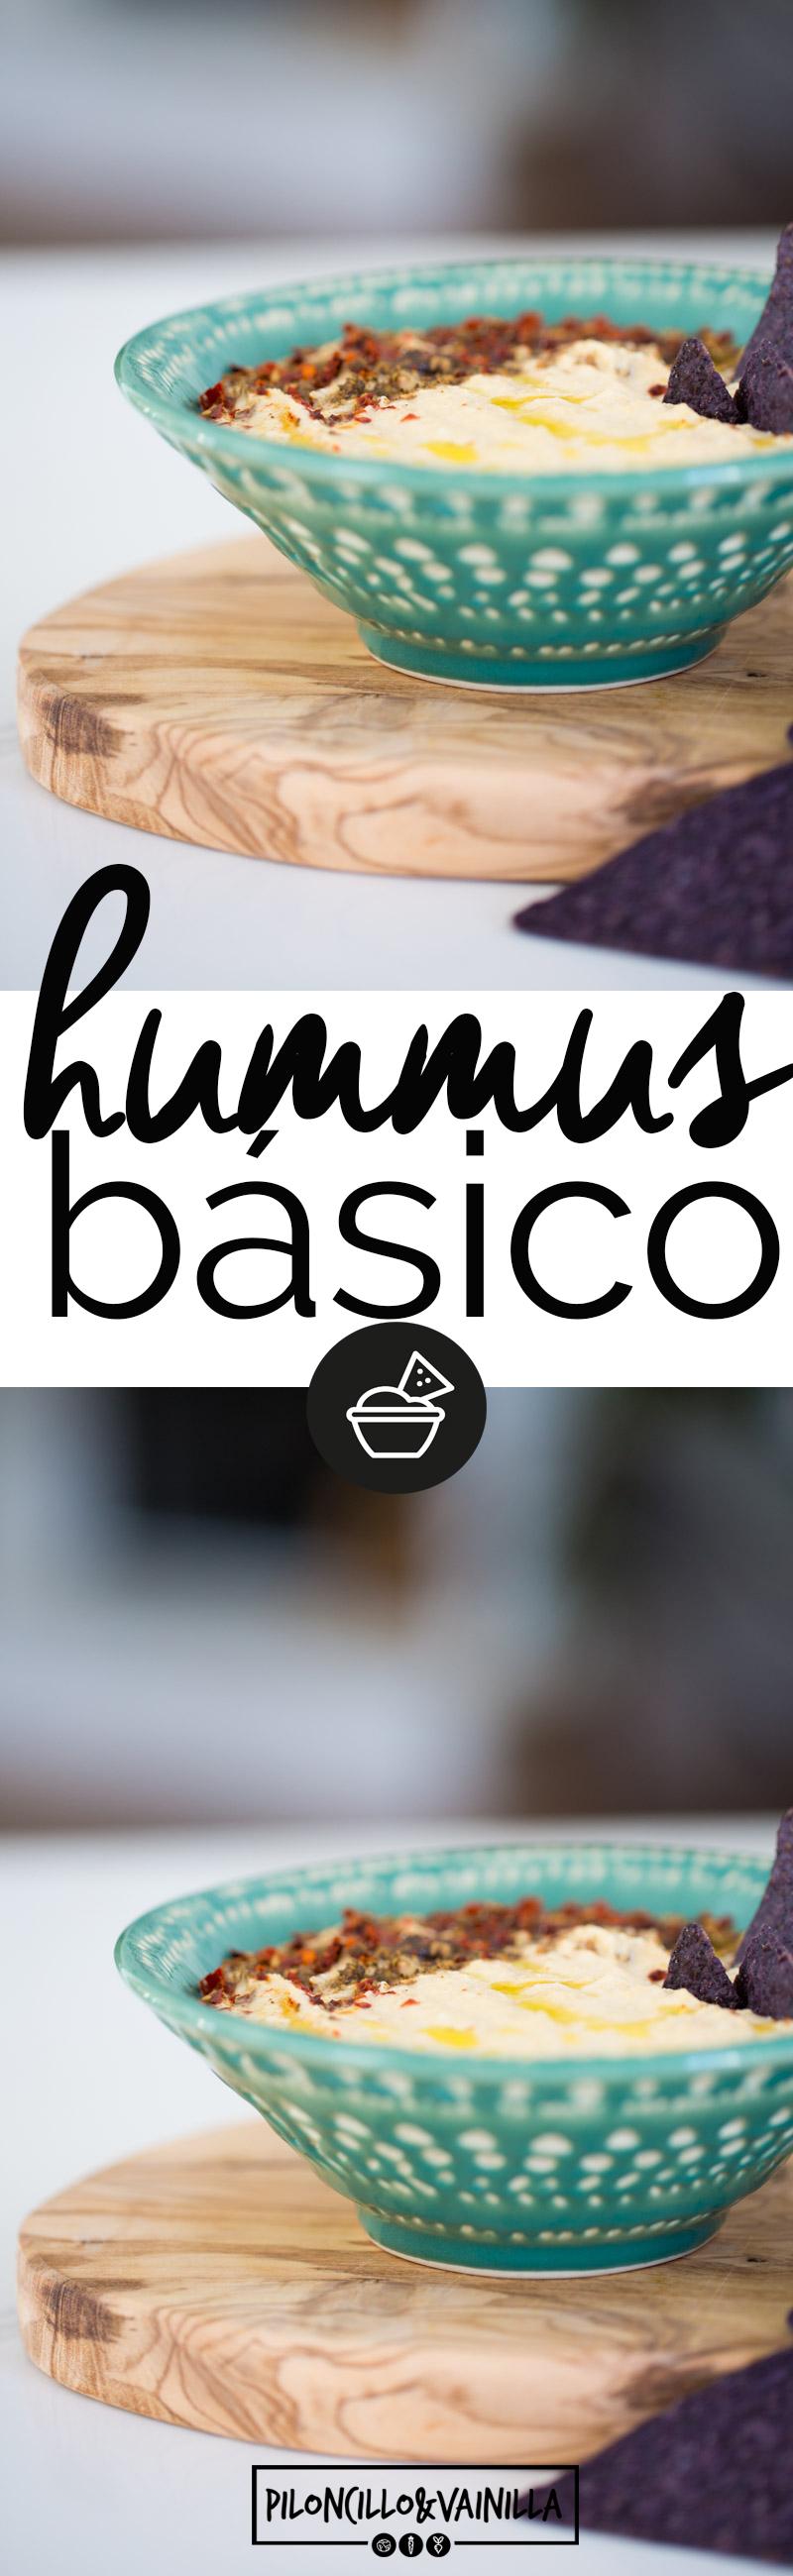 La receta más fácil del mundo. Receta de hummus básico, hummus clásico,  en 10 minutos o menos, con esta receta no vas a volver a comprar uno nunca jamás. #recetavegana #recetavegetariana, #recetasaludable, #vegano